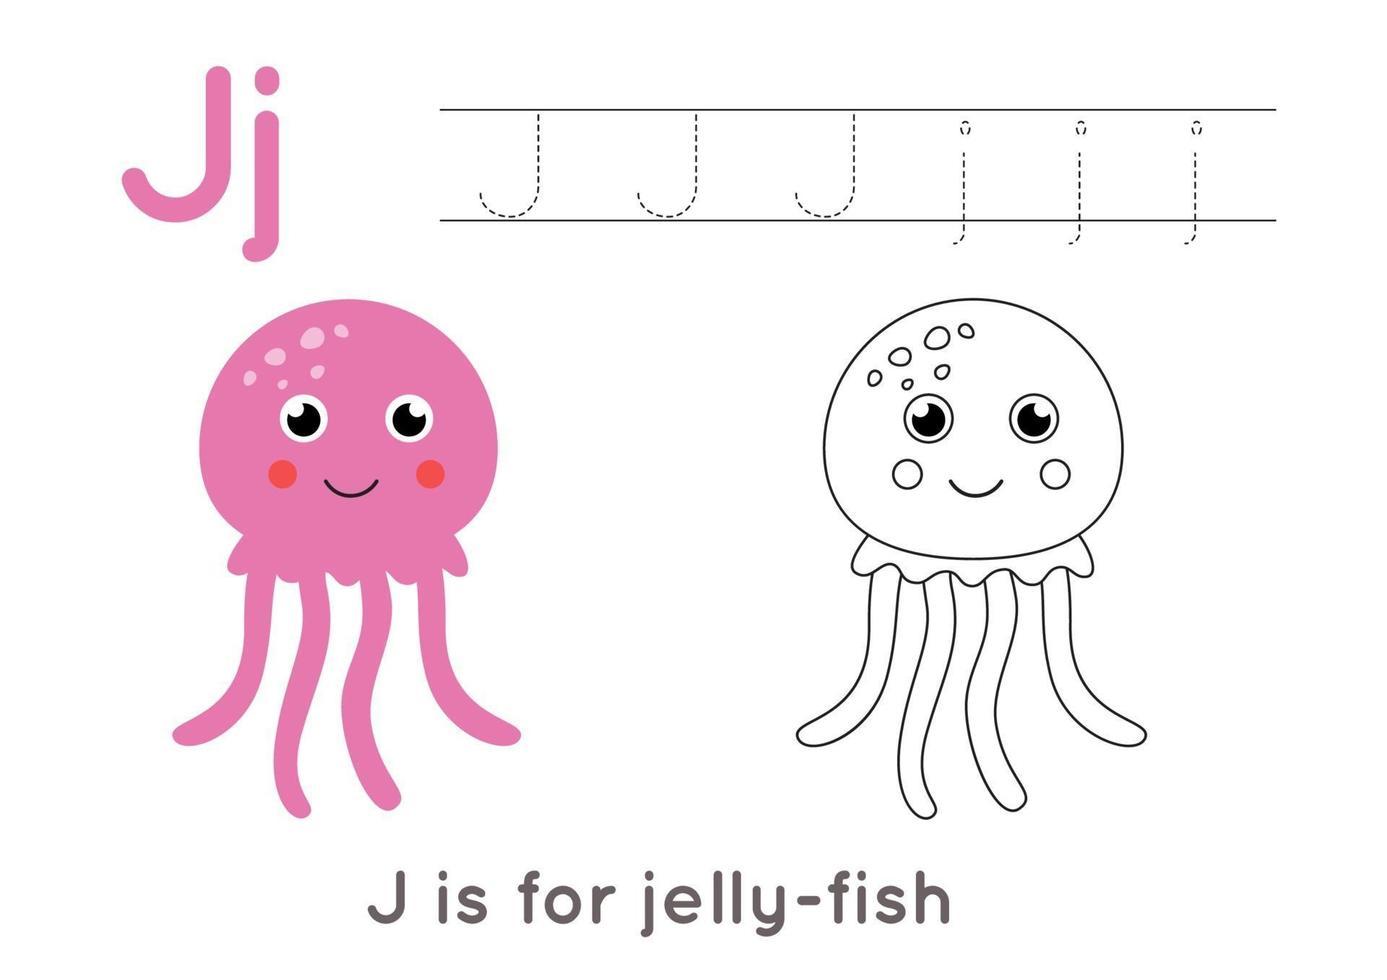 pagina da colorare e tracciare con la lettera j e simpatiche meduse dei cartoni animati. vettore